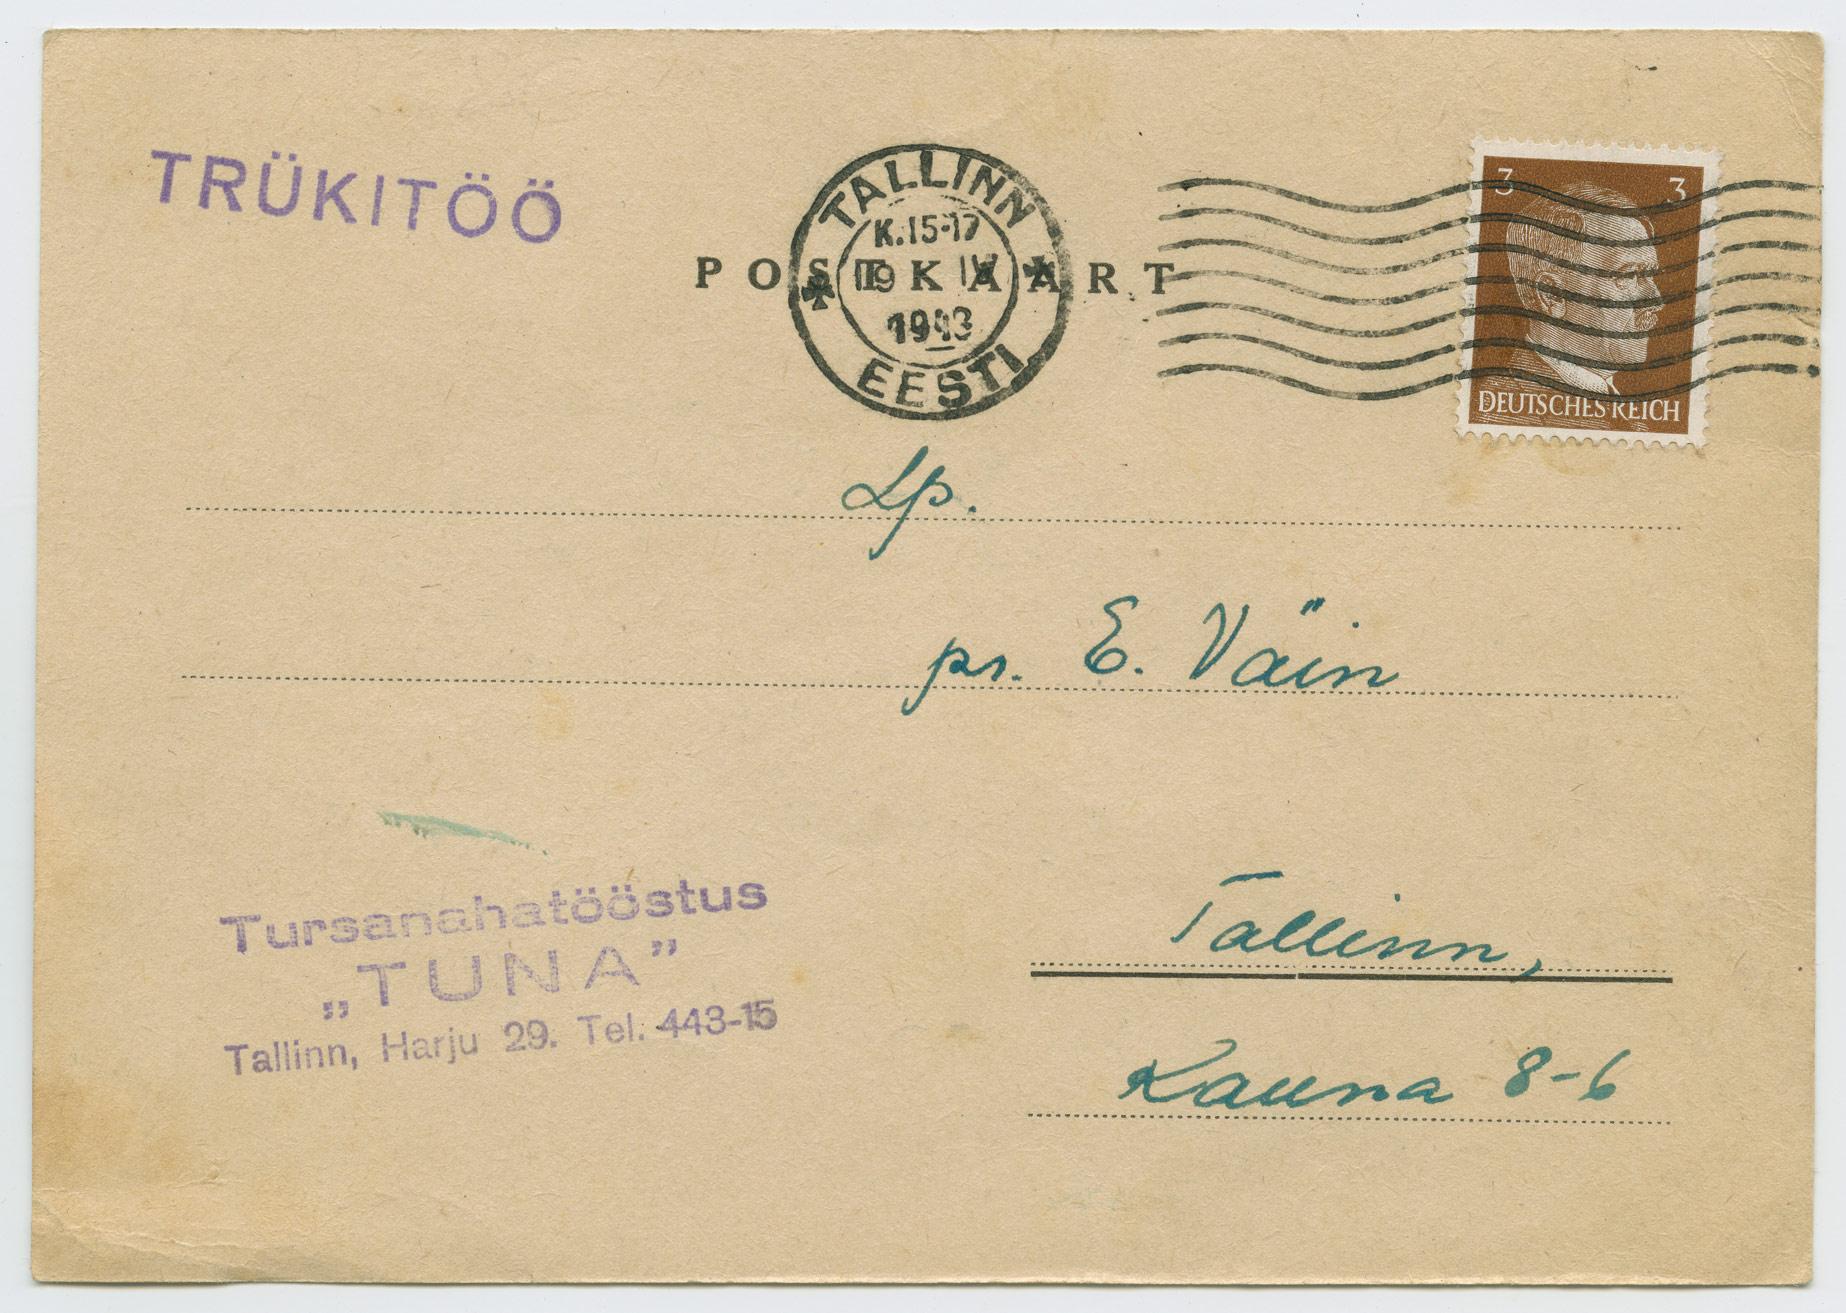 1237a-tursanahatööstus-Tuna-Tallinn-märtsipommitamine-1943-postiajalugu-ee